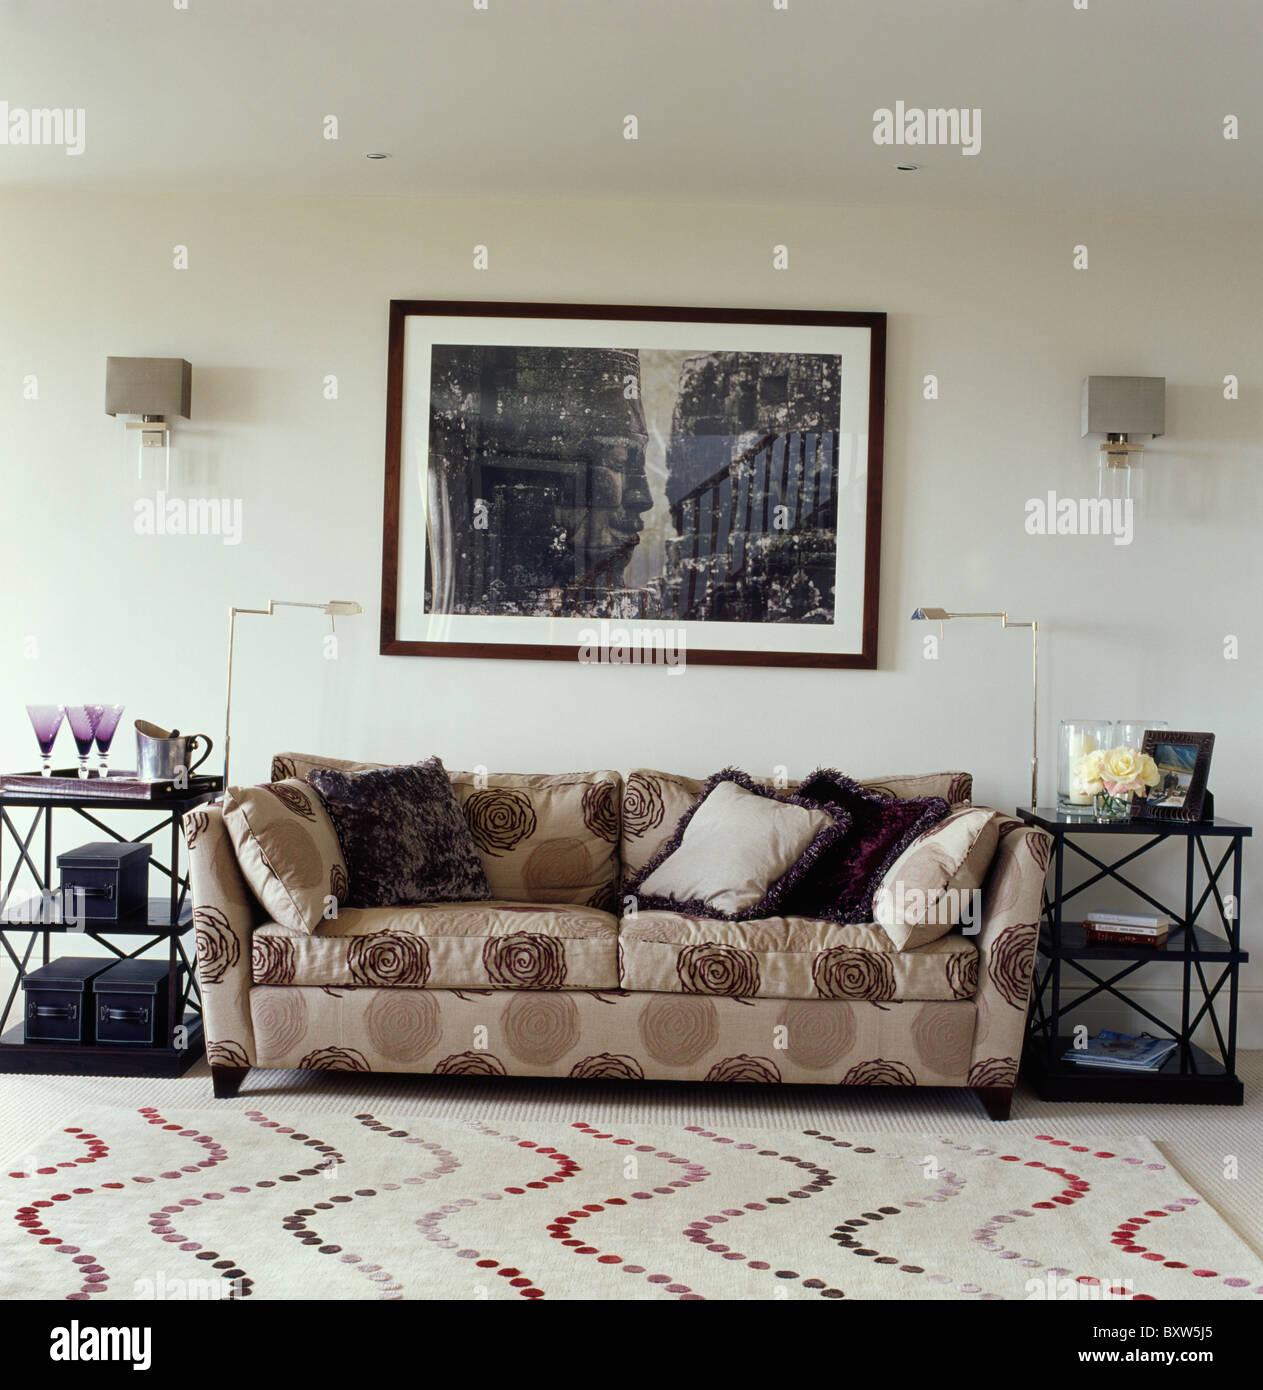 Große Schwarze + Weisses Bild Oben Gemustert Beige Sofa Im Modernen Weißen  Wohnzimmer Mit Gemusterten Teppich Beige